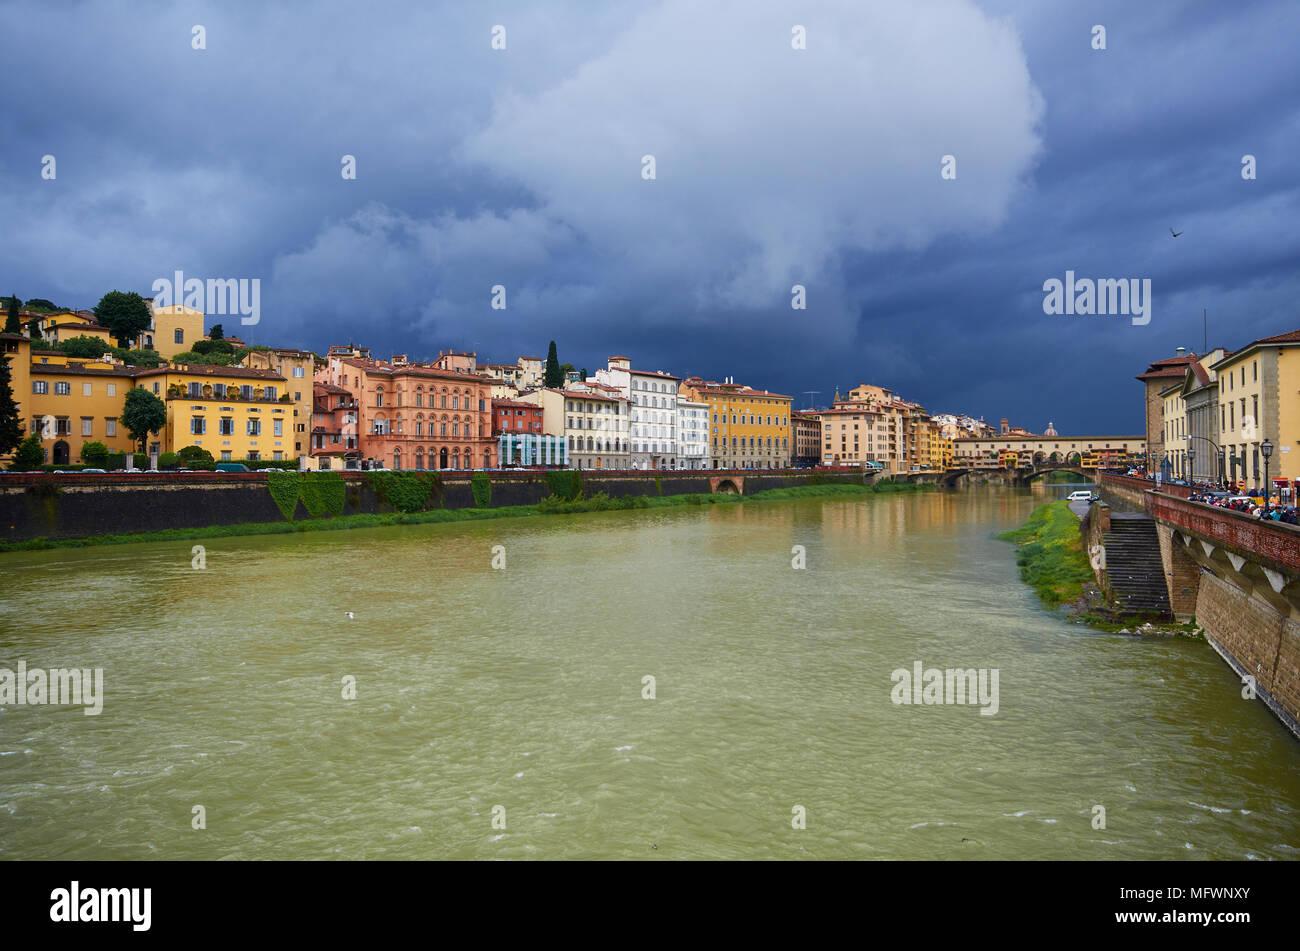 Raccogliere tempesta, il fiume Arno, Firenze, Italia. Immagini Stock